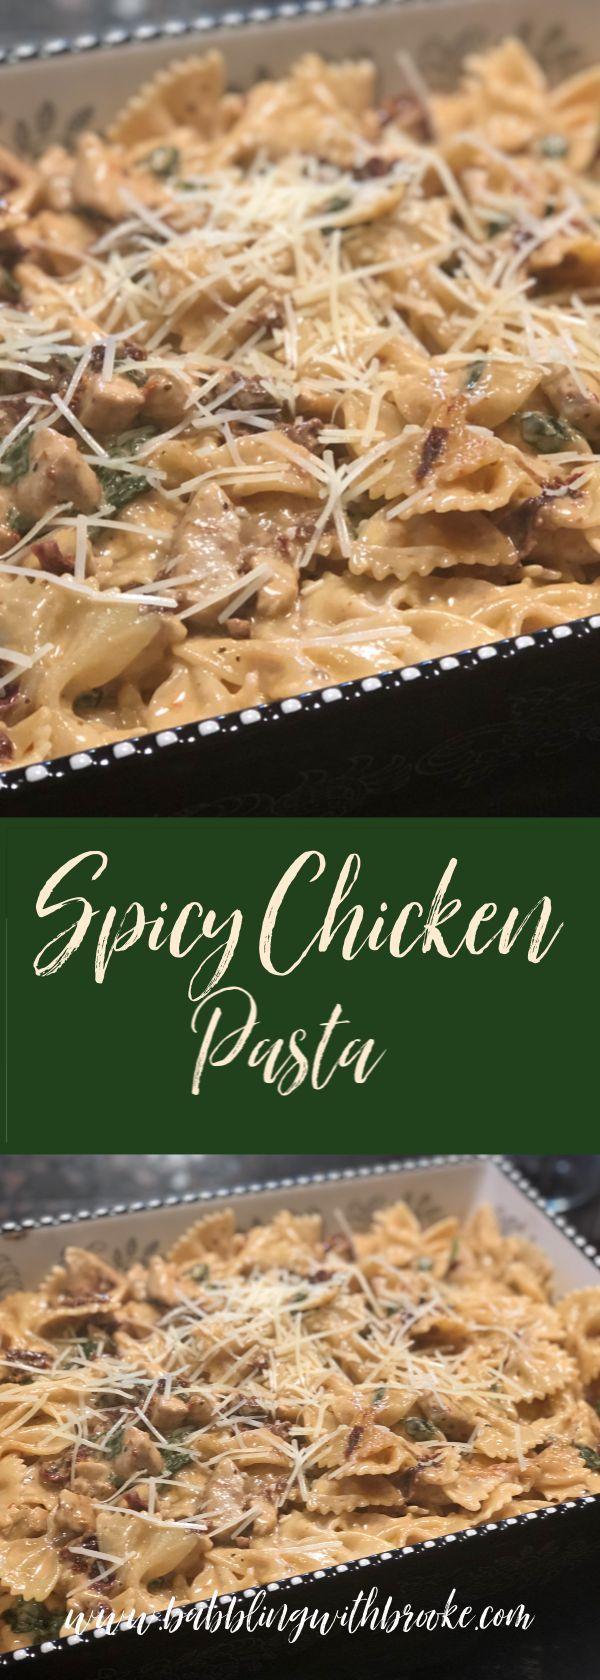 Spicy Chicken Pasta images